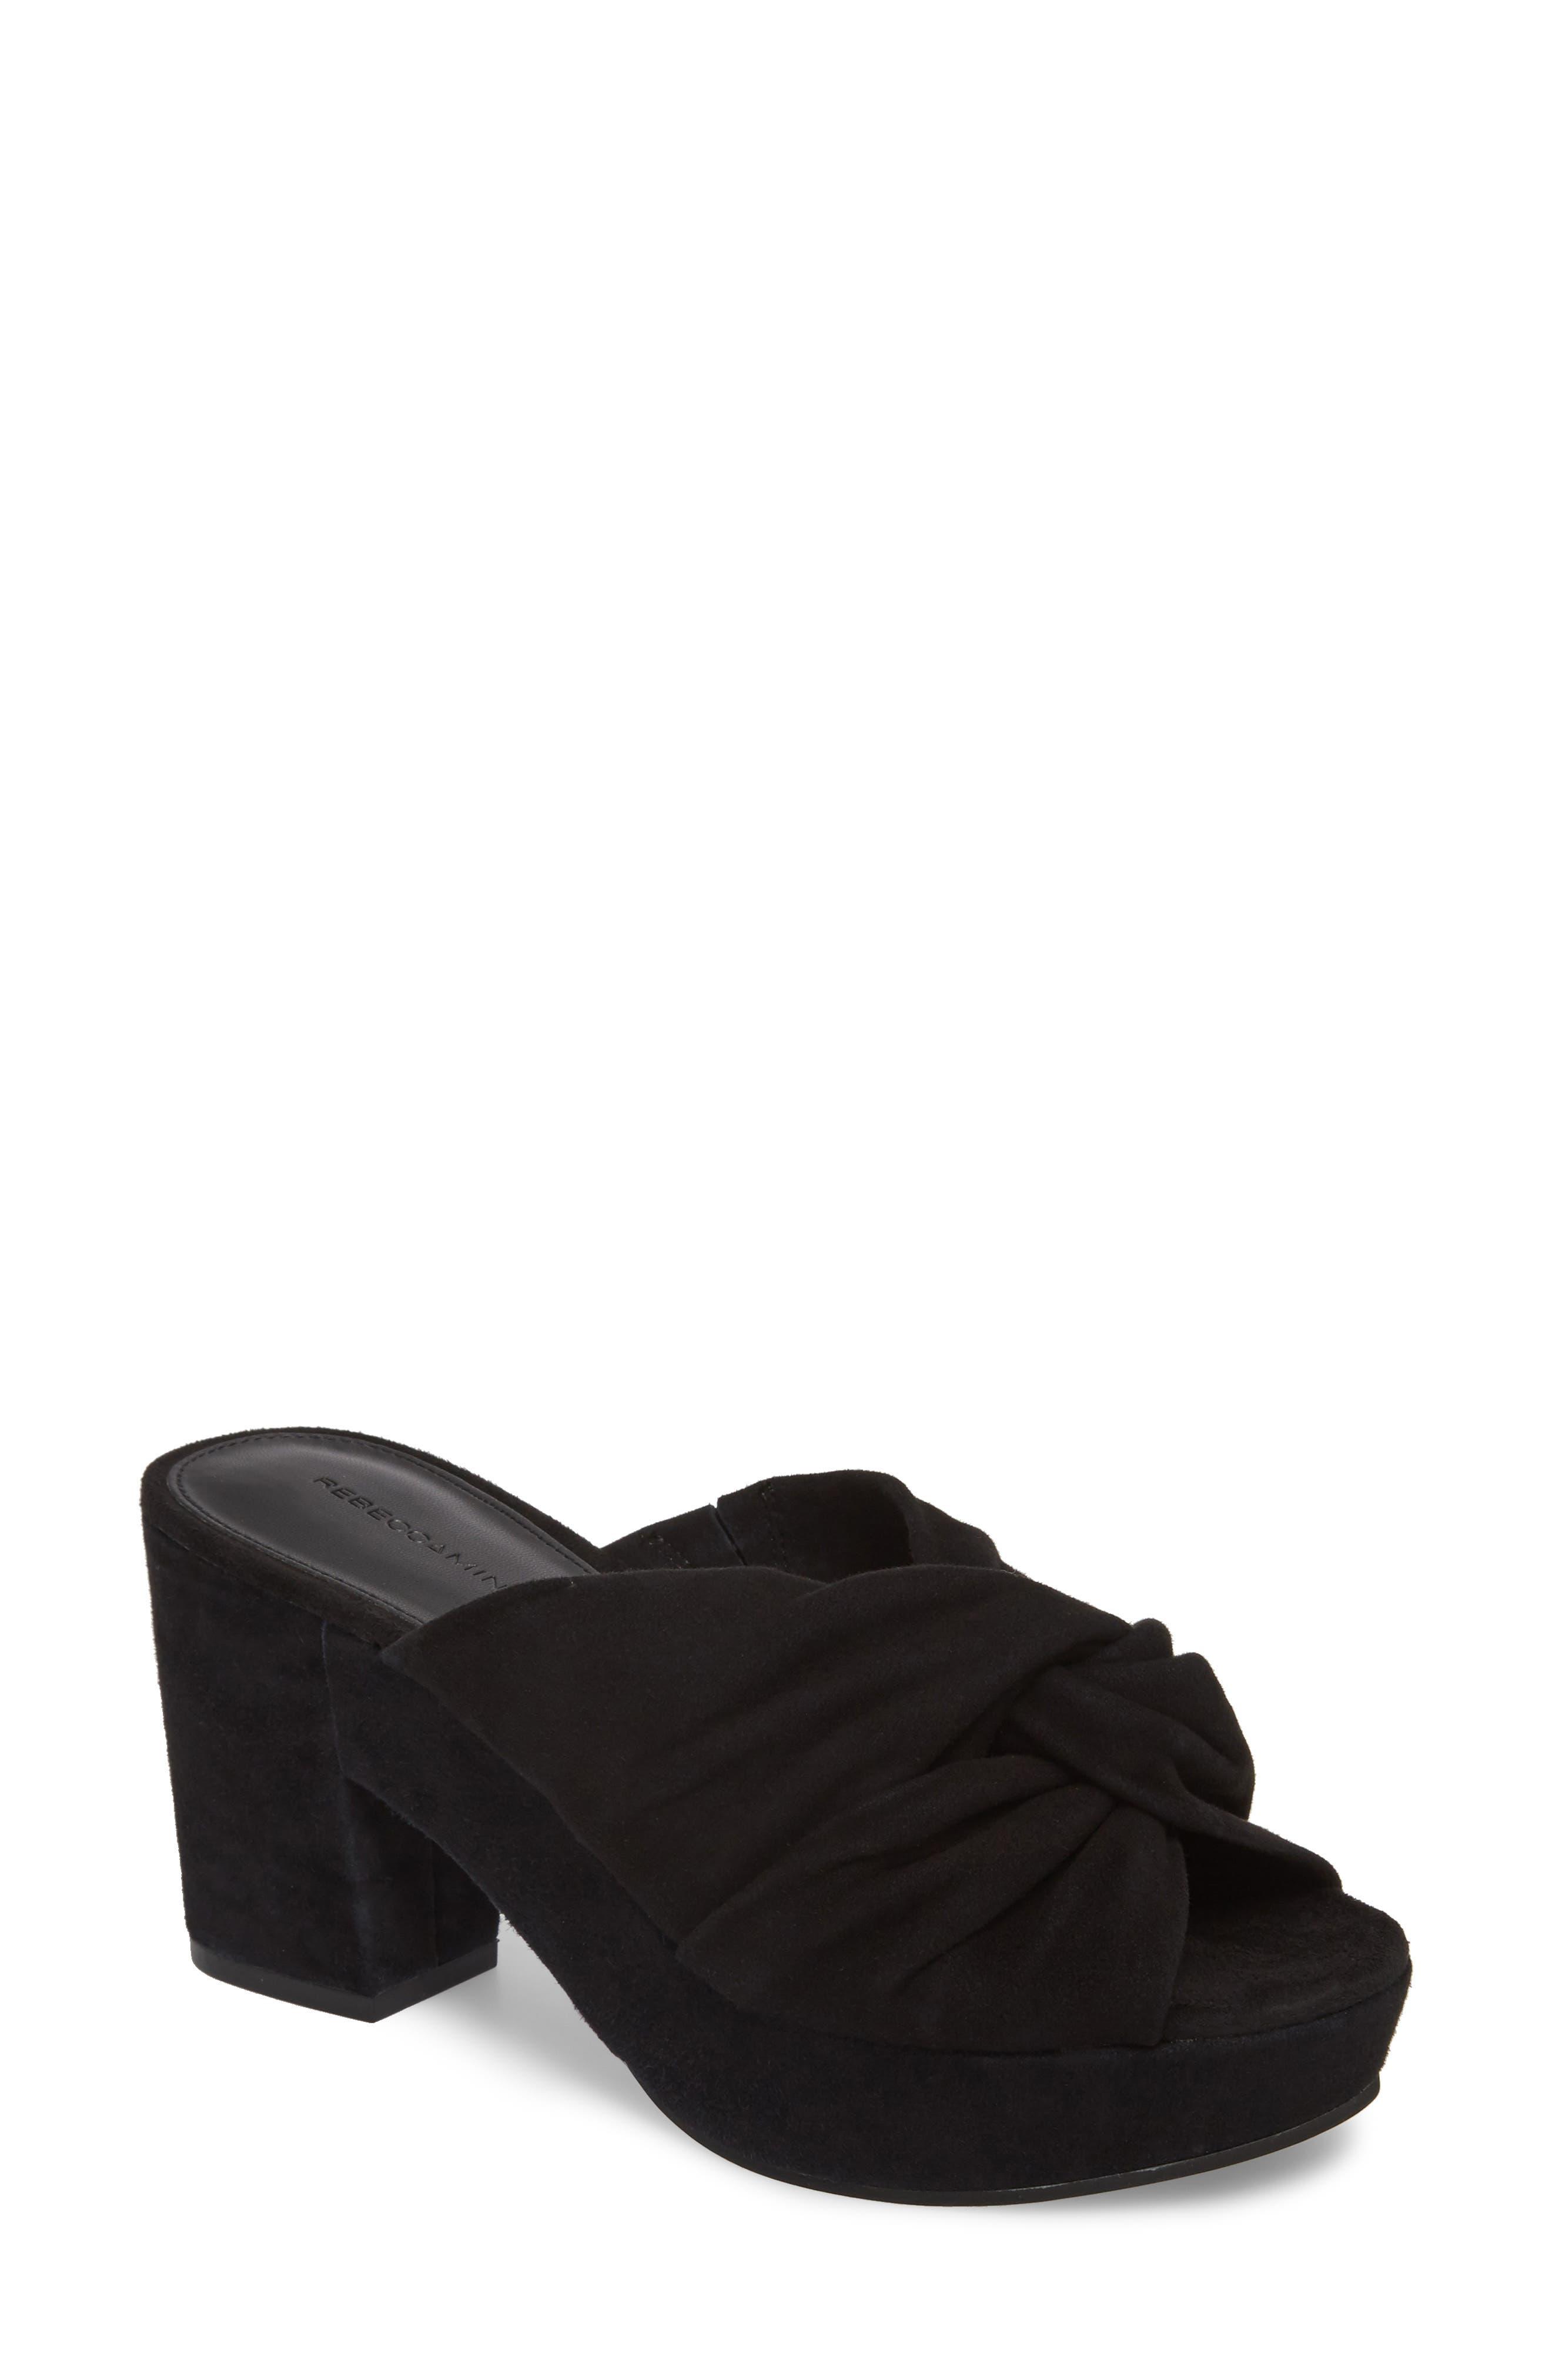 Jaden Slide Sandal,                         Main,                         color, Black Satin